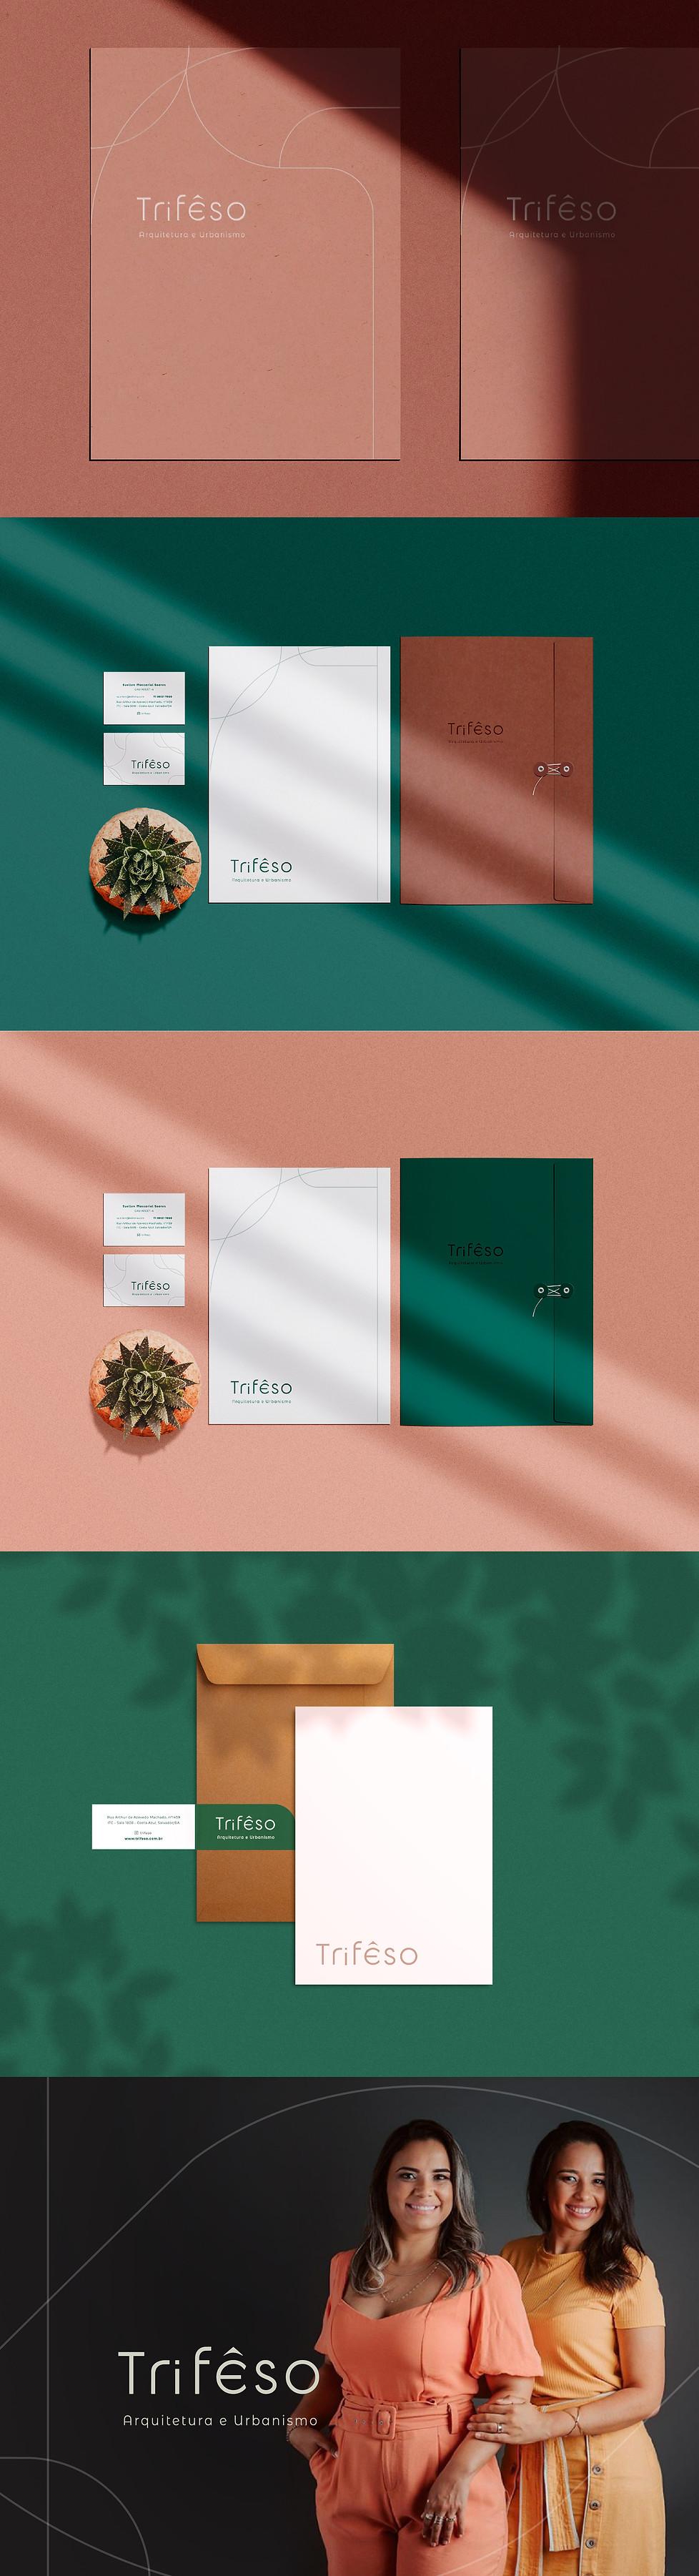 portfolio_trifeso-02.jpg